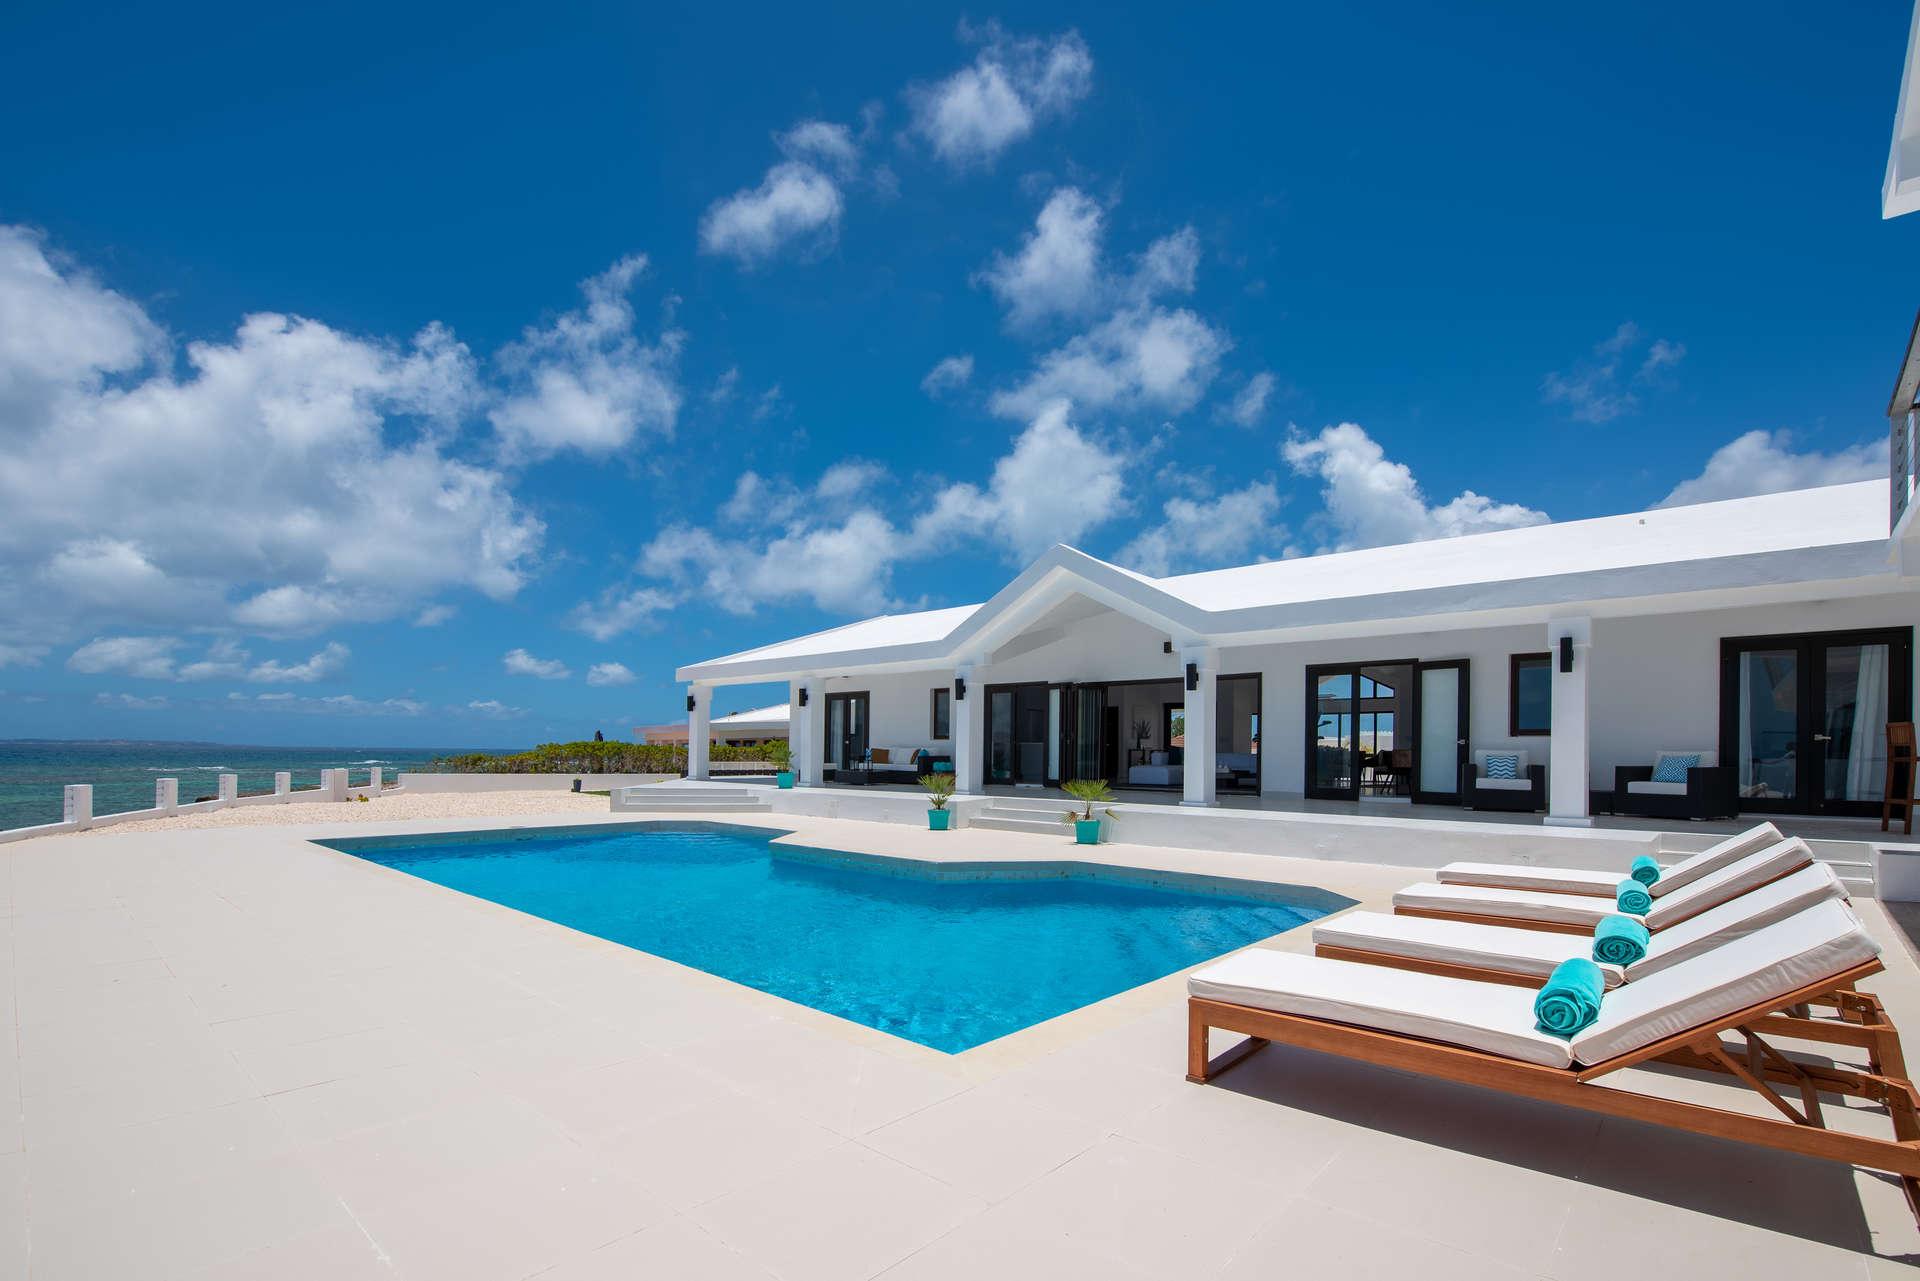 Luxury villa rentals caribbean - Anguilla - Blowing point - No location 4 - Pelican Bay Villa - Image 1/16